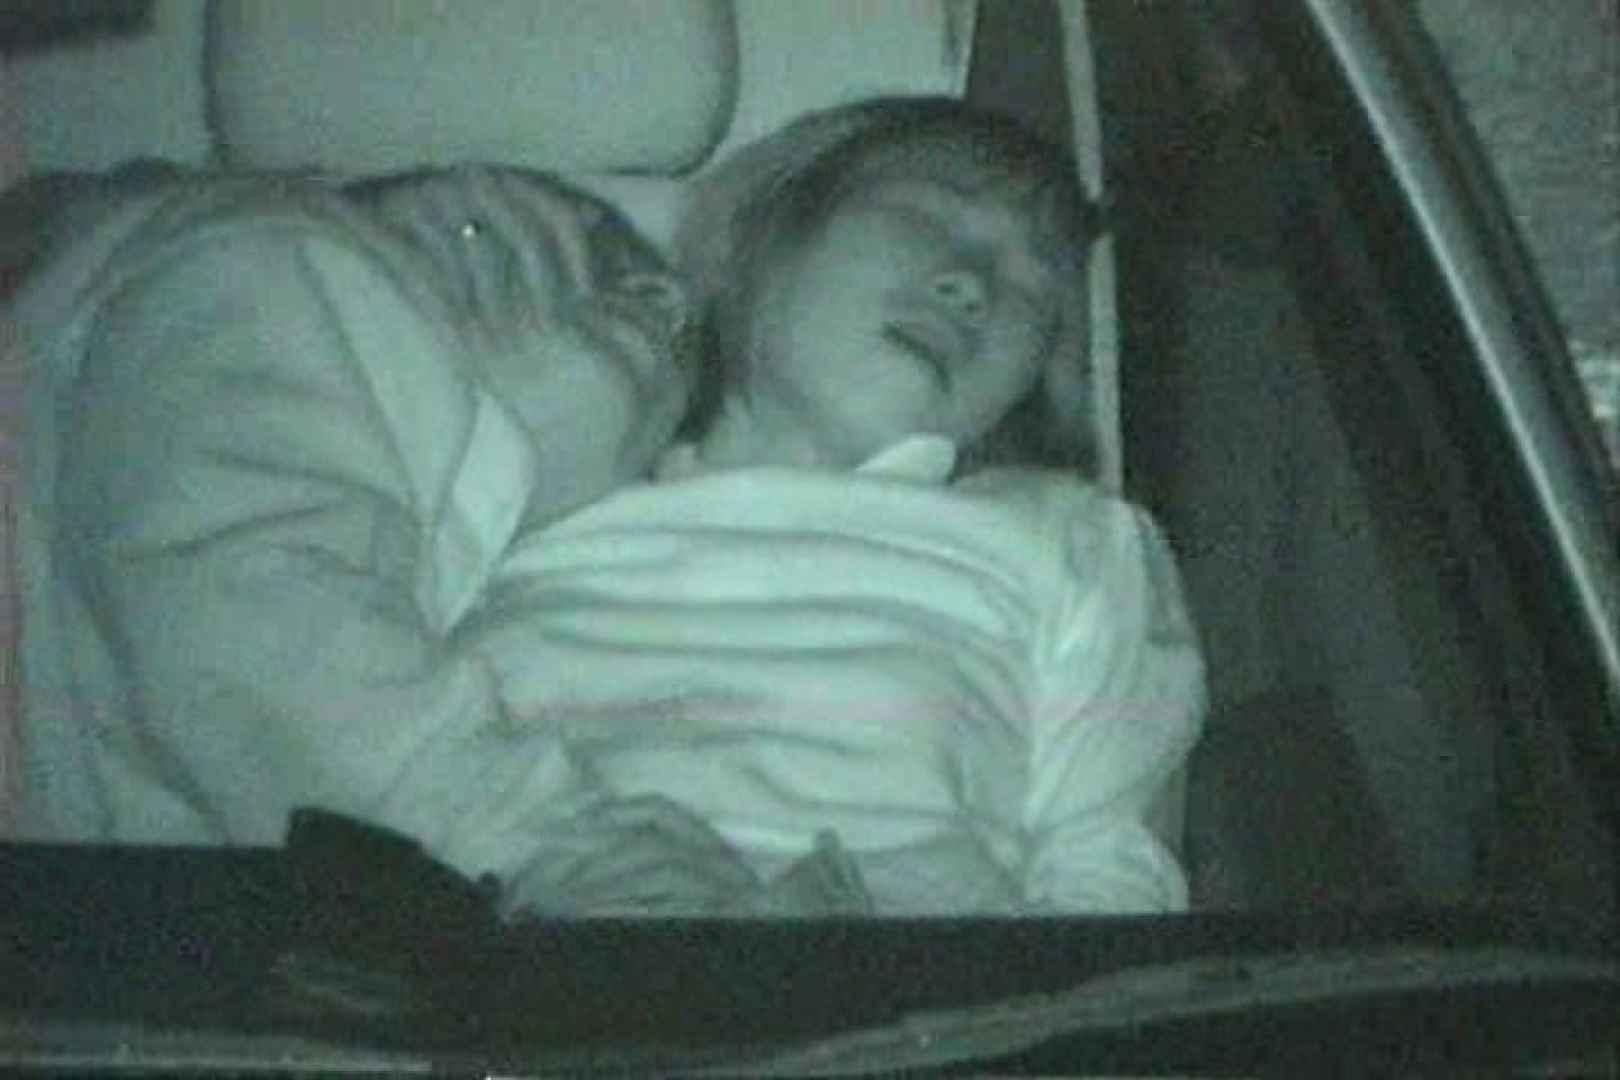 車の中はラブホテル 無修正版  Vol.27 ホテル のぞき動画画像 91画像 14